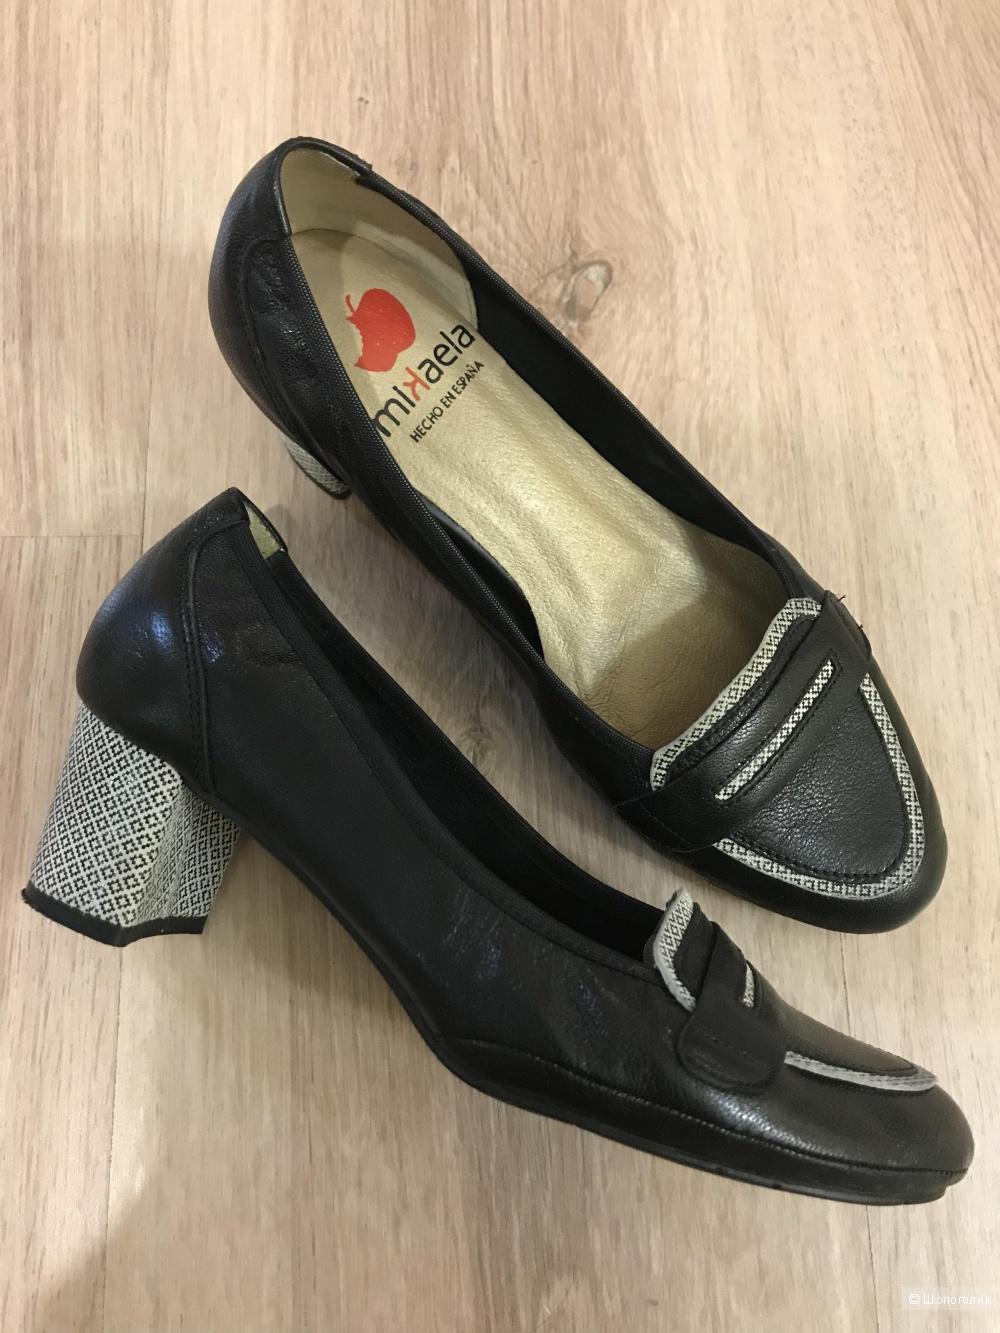 Туфли Mikaela, 36 размер